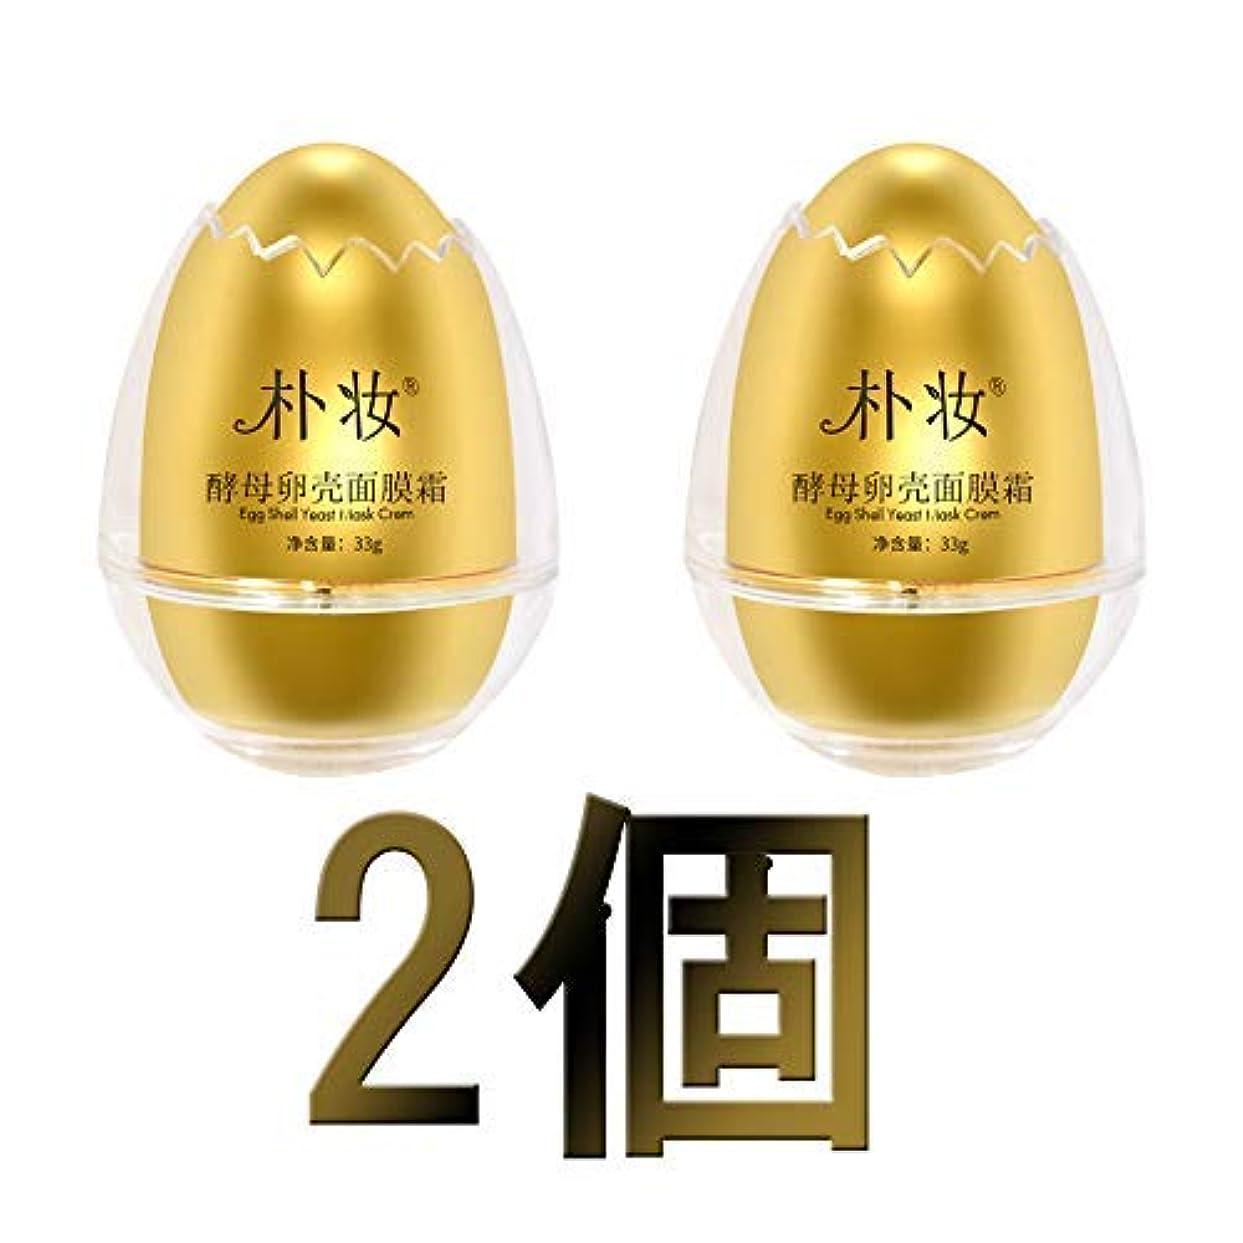 前進靴下ウェイター朴妆たんたんパックx2個 酵母卵殻マスククリーム33g しっとりと た肌,シュリンクポア,しわ耐性,肌を引っ張る、